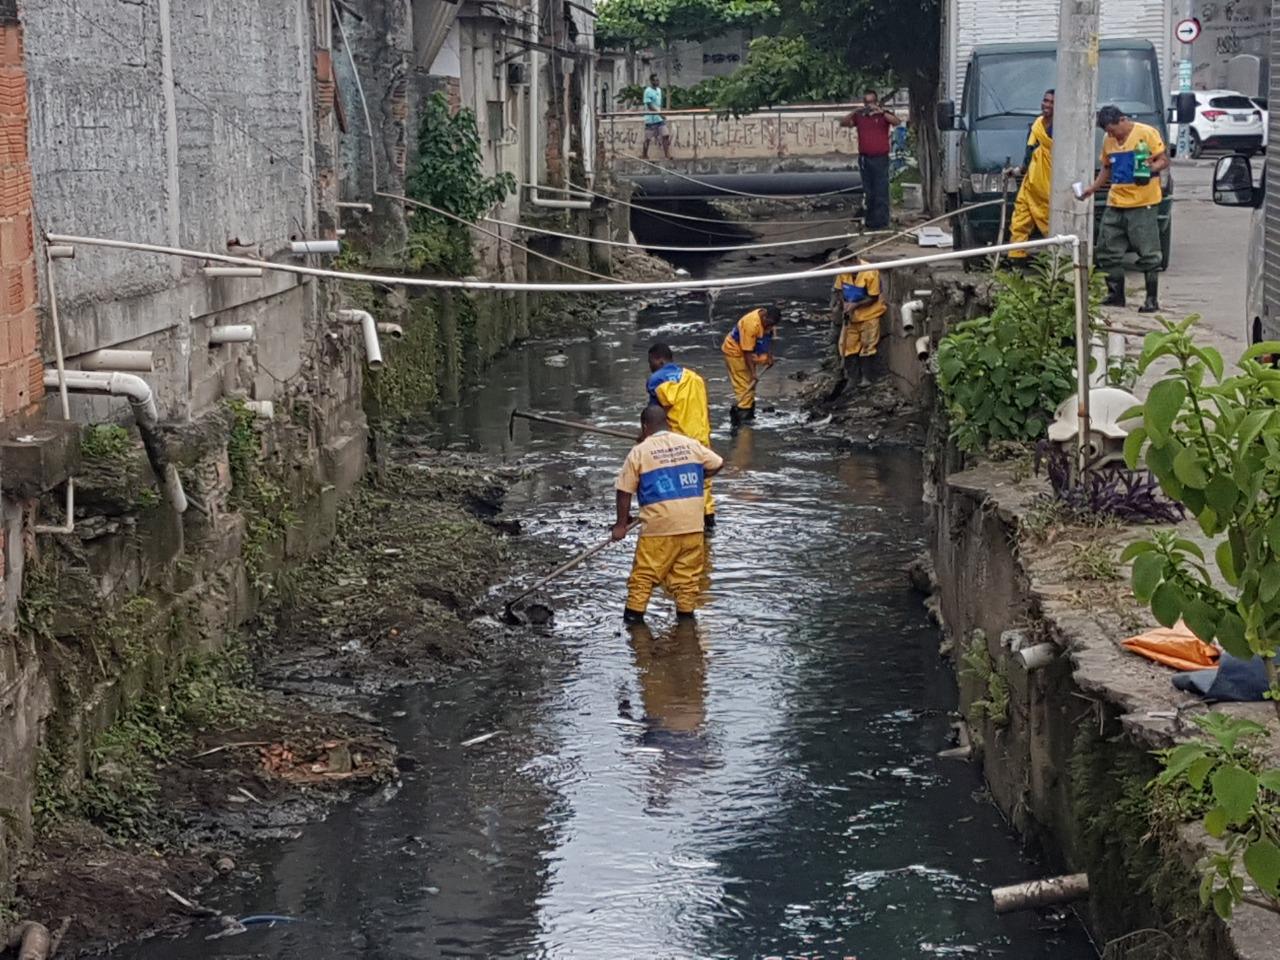 Rio-Águas conclui limpeza no Rio Pavuninha